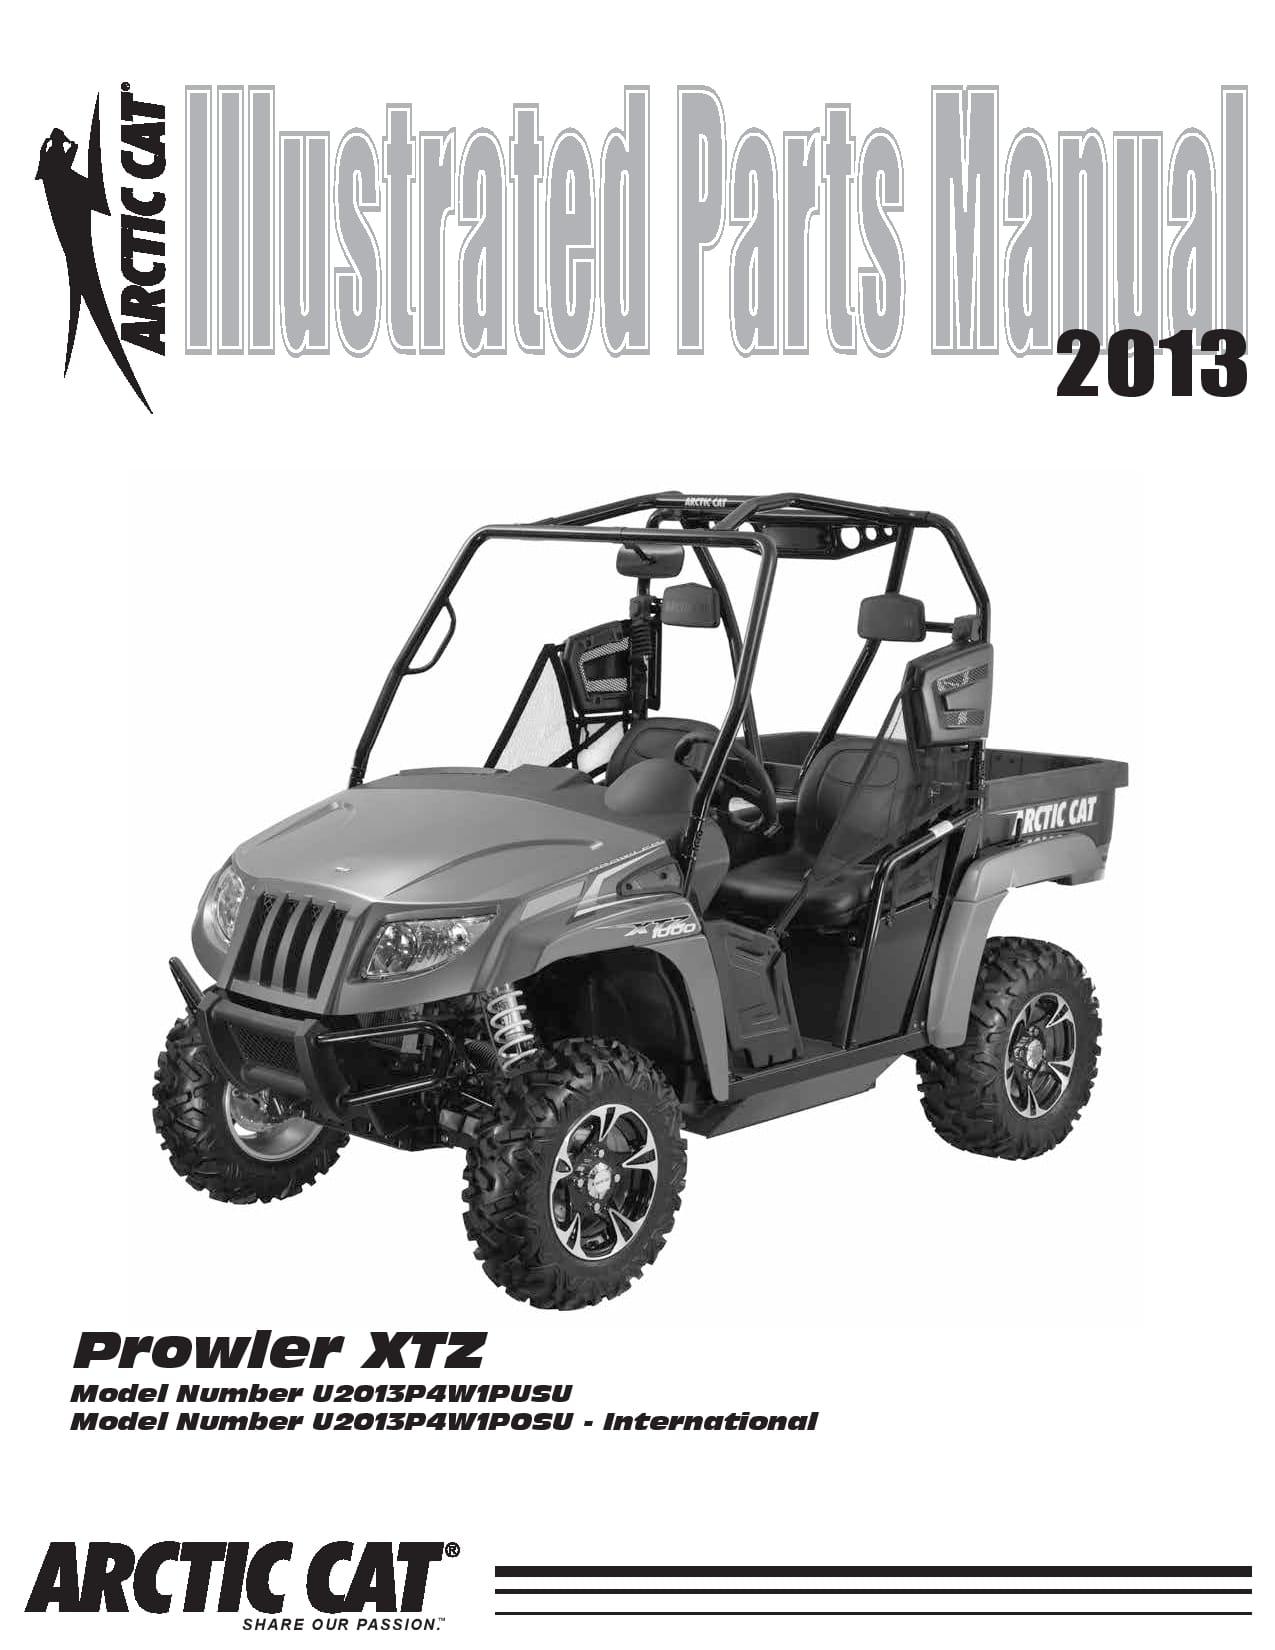 ARCTIC CAT 2013 Prowler XTZ part manual PDF Download